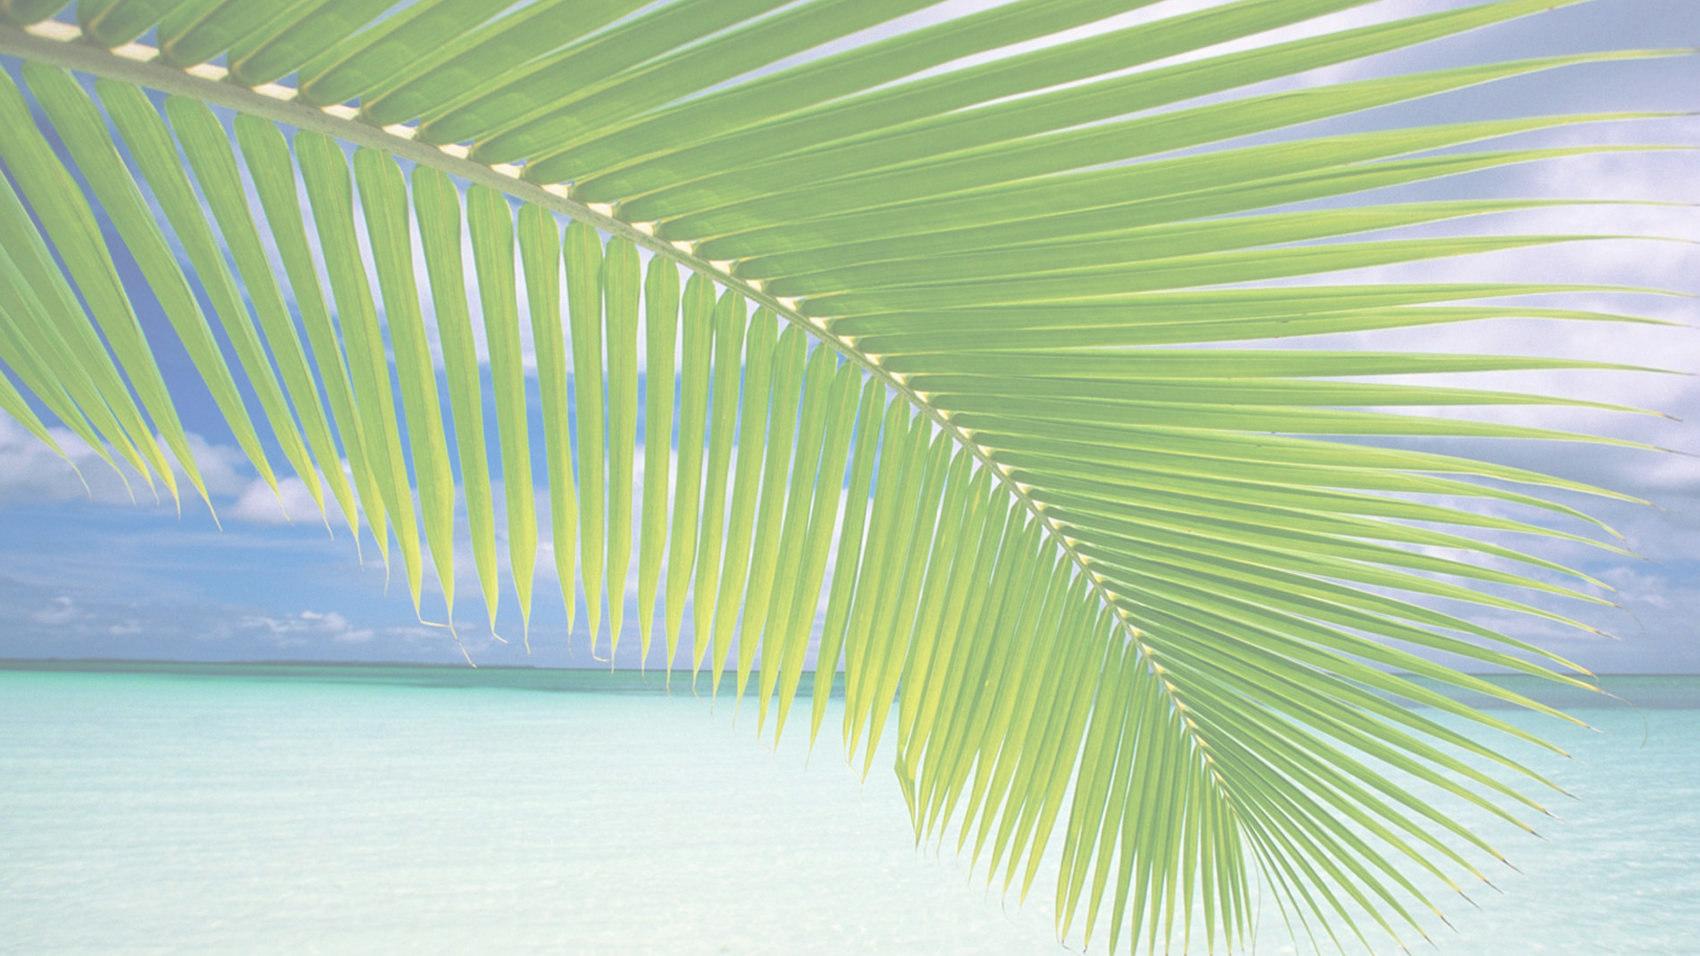 palmtreebackgroundB